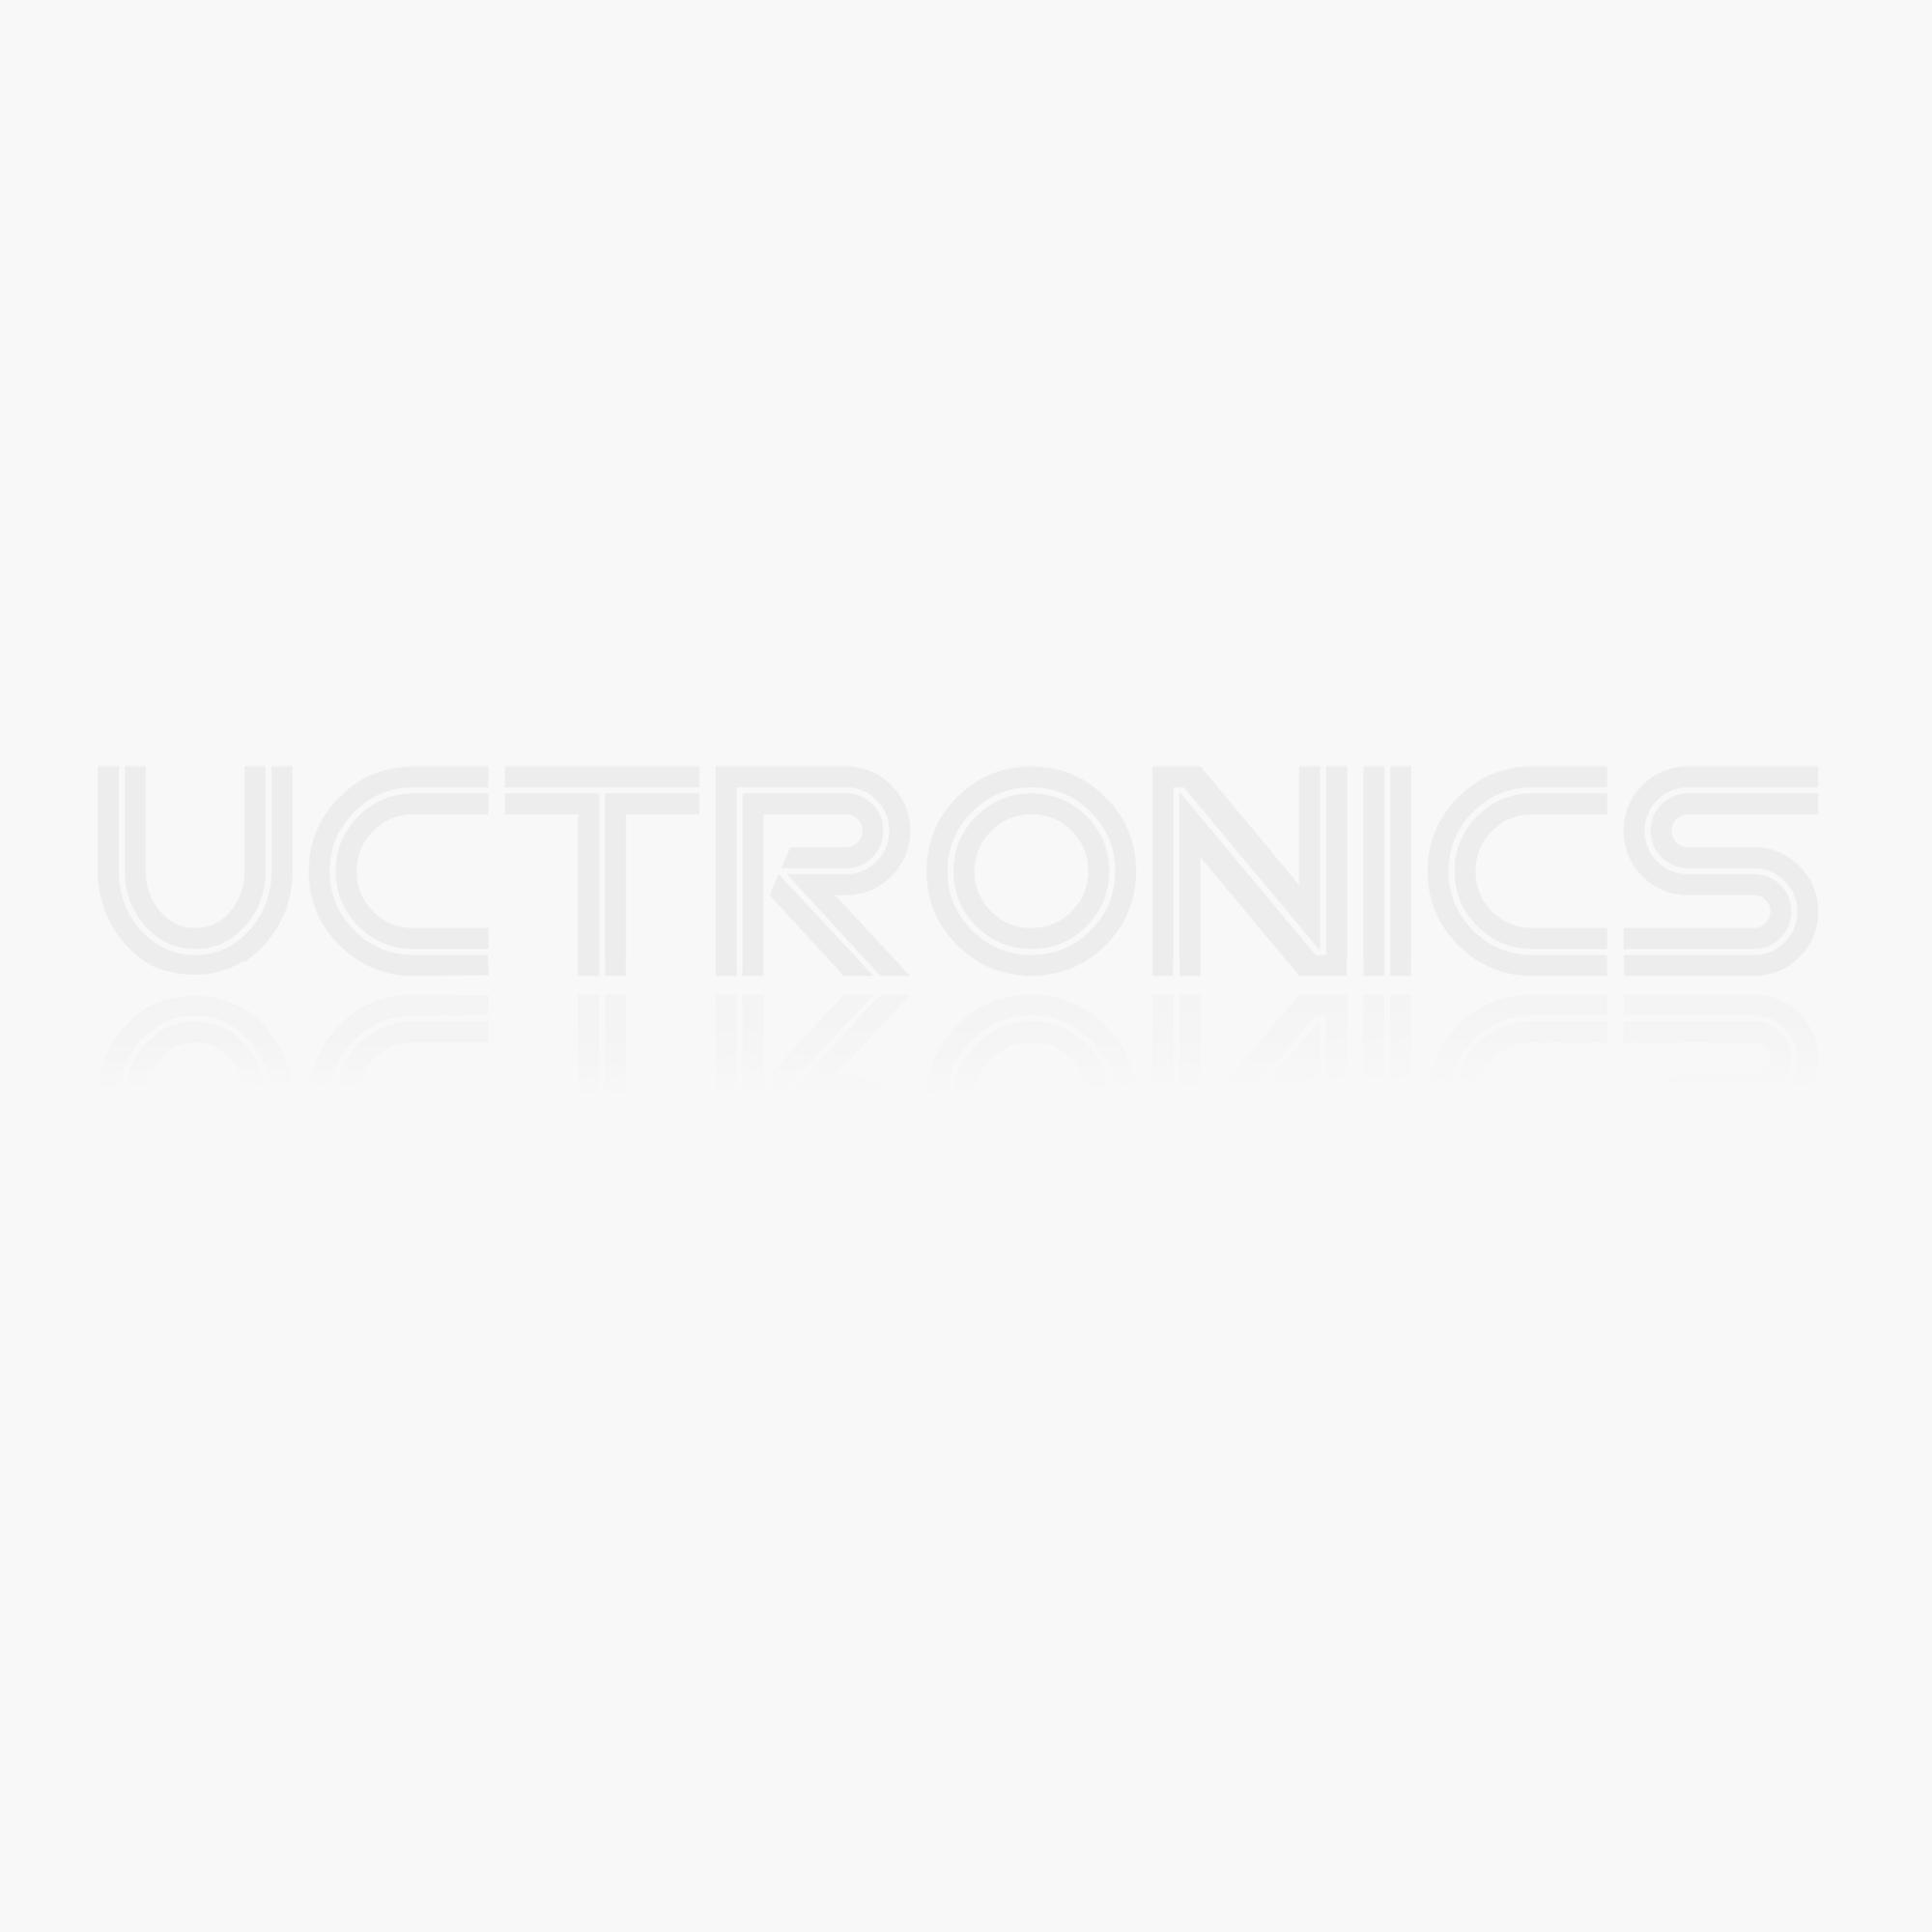 10pcs 74HC138 DIP-16 DIP 16pin 3-to-8 Line Decoder IC Chip